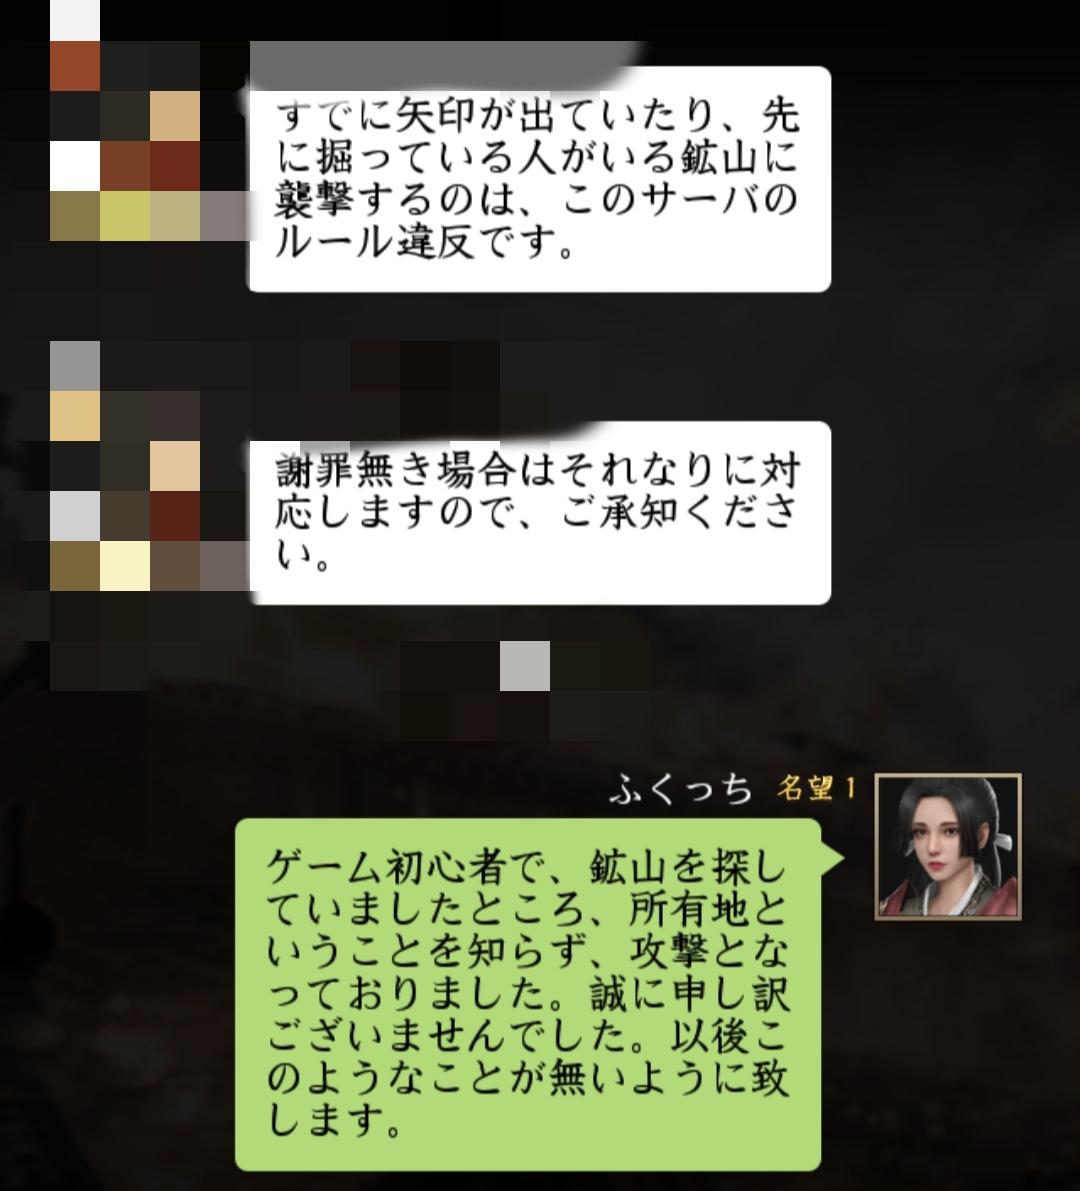 f:id:fukucchimoney:20210225224519j:plain